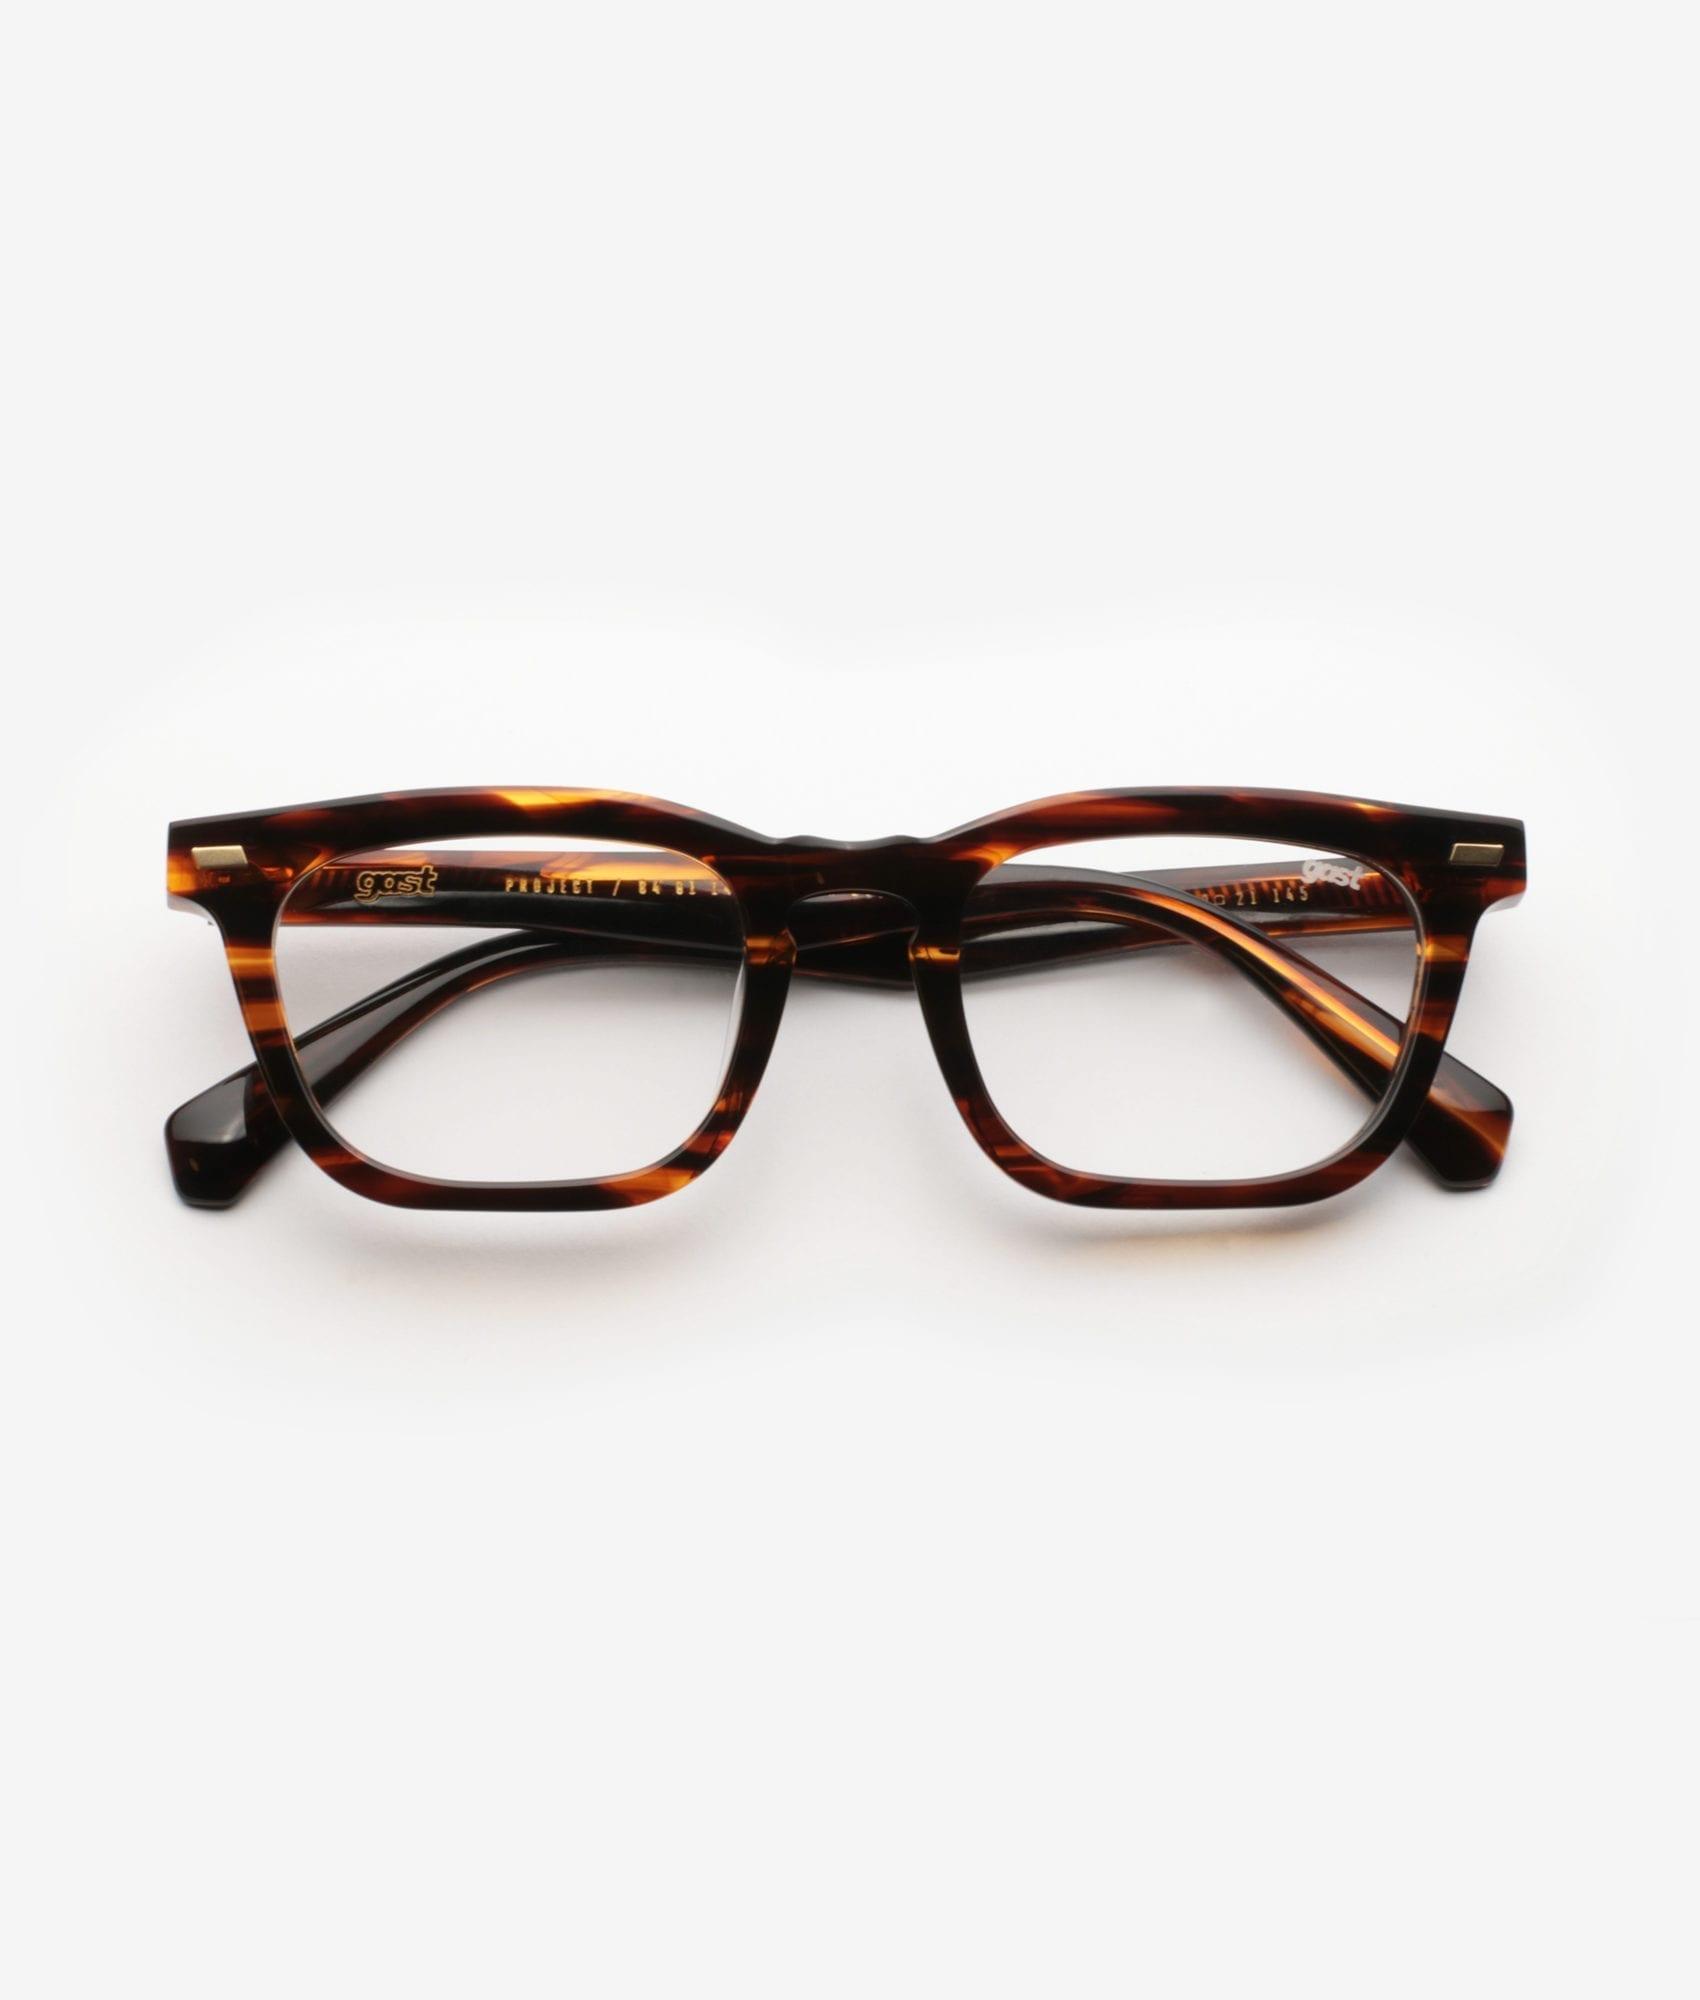 Adre Duna Gast eyewear